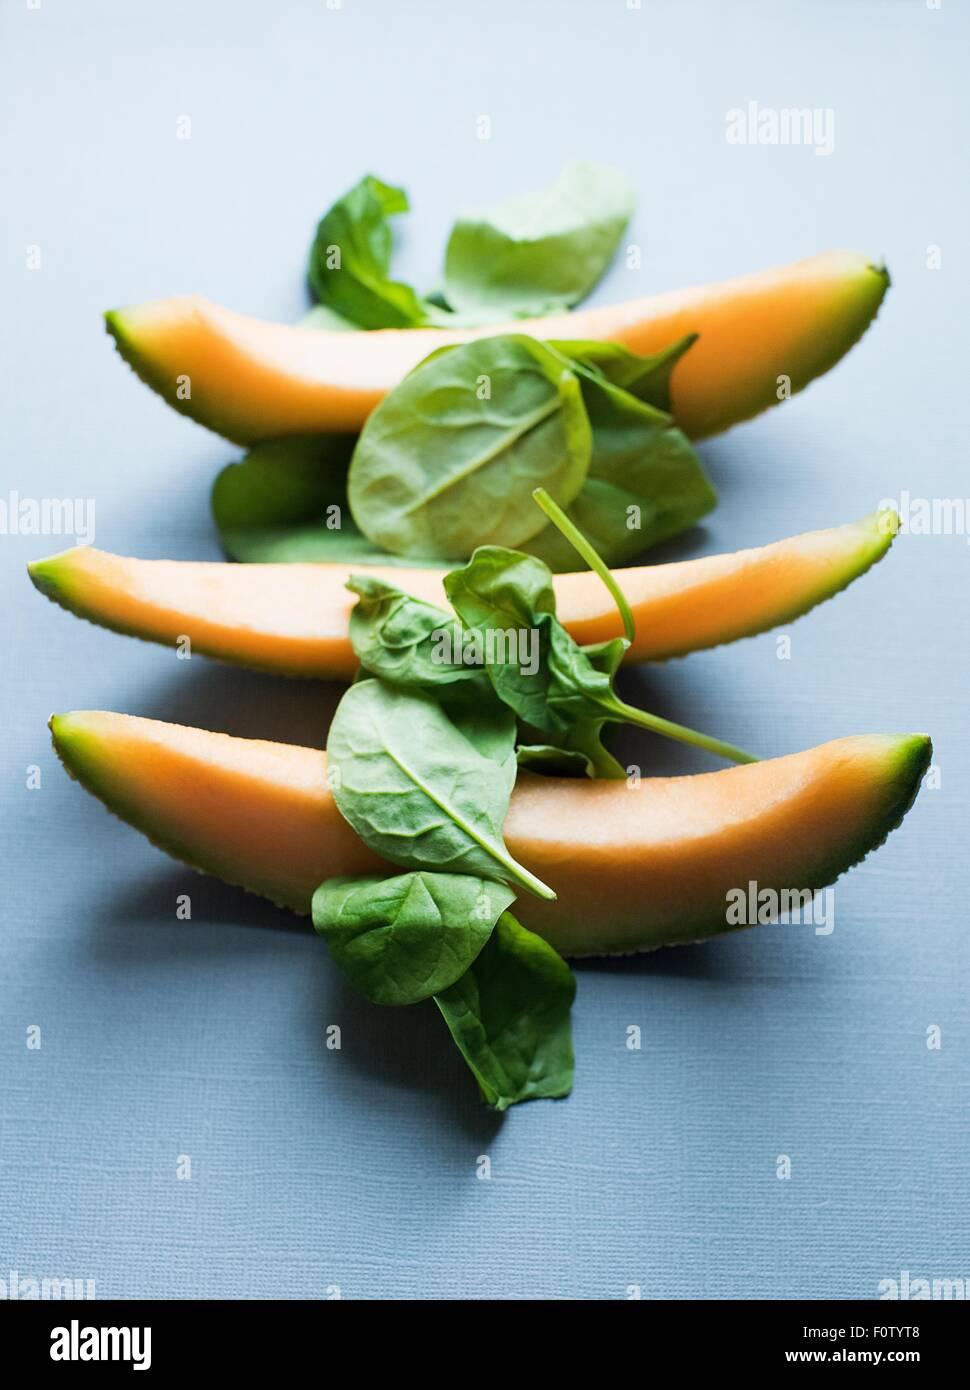 Tres rebanadas de melón fresco y espinacas. Imagen De Stock